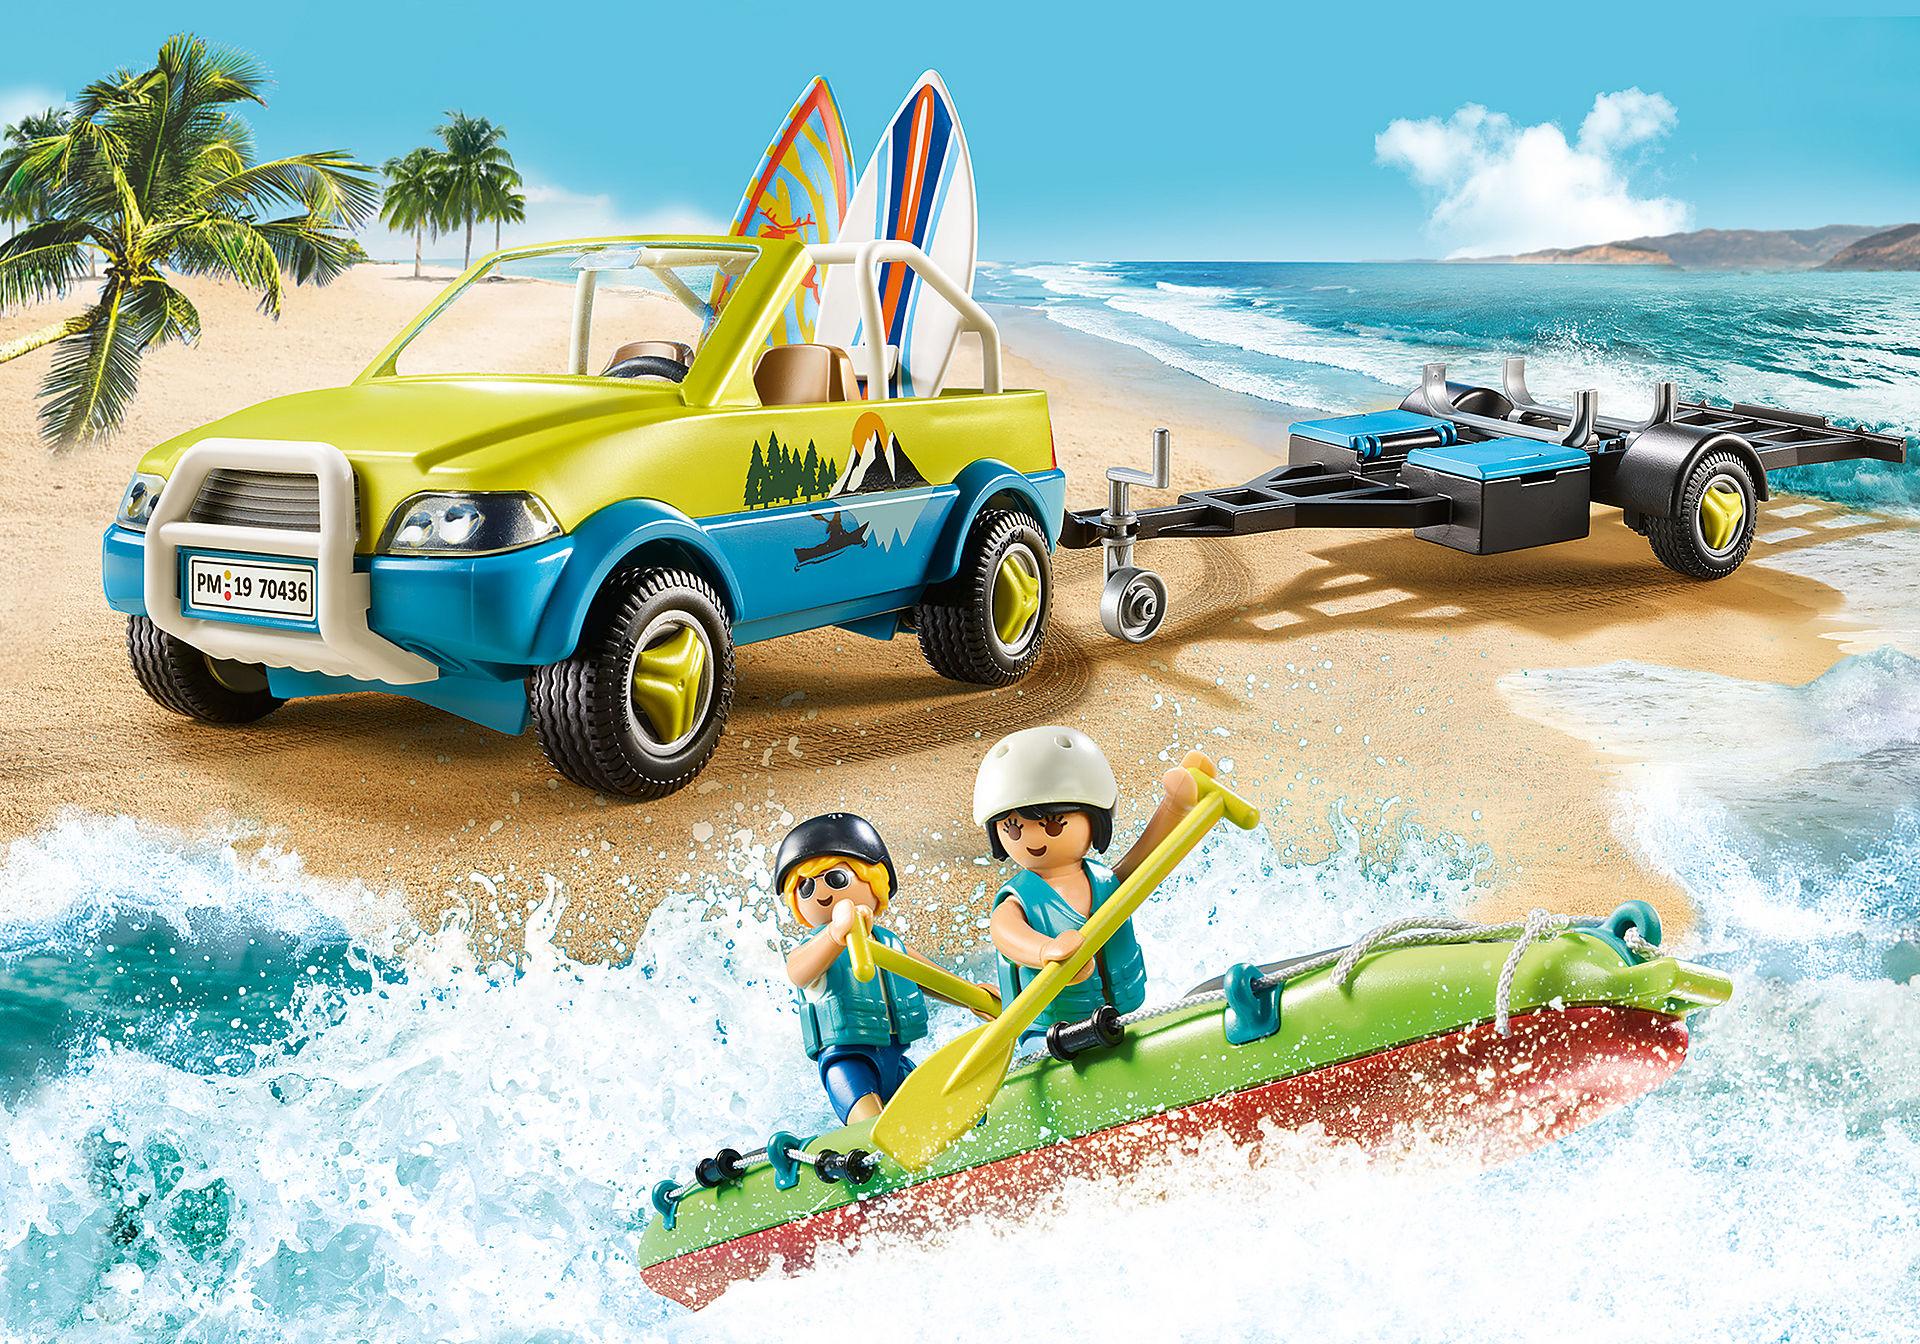 70436 Пляжный автомобиль с прицепом для байдарки zoom image1